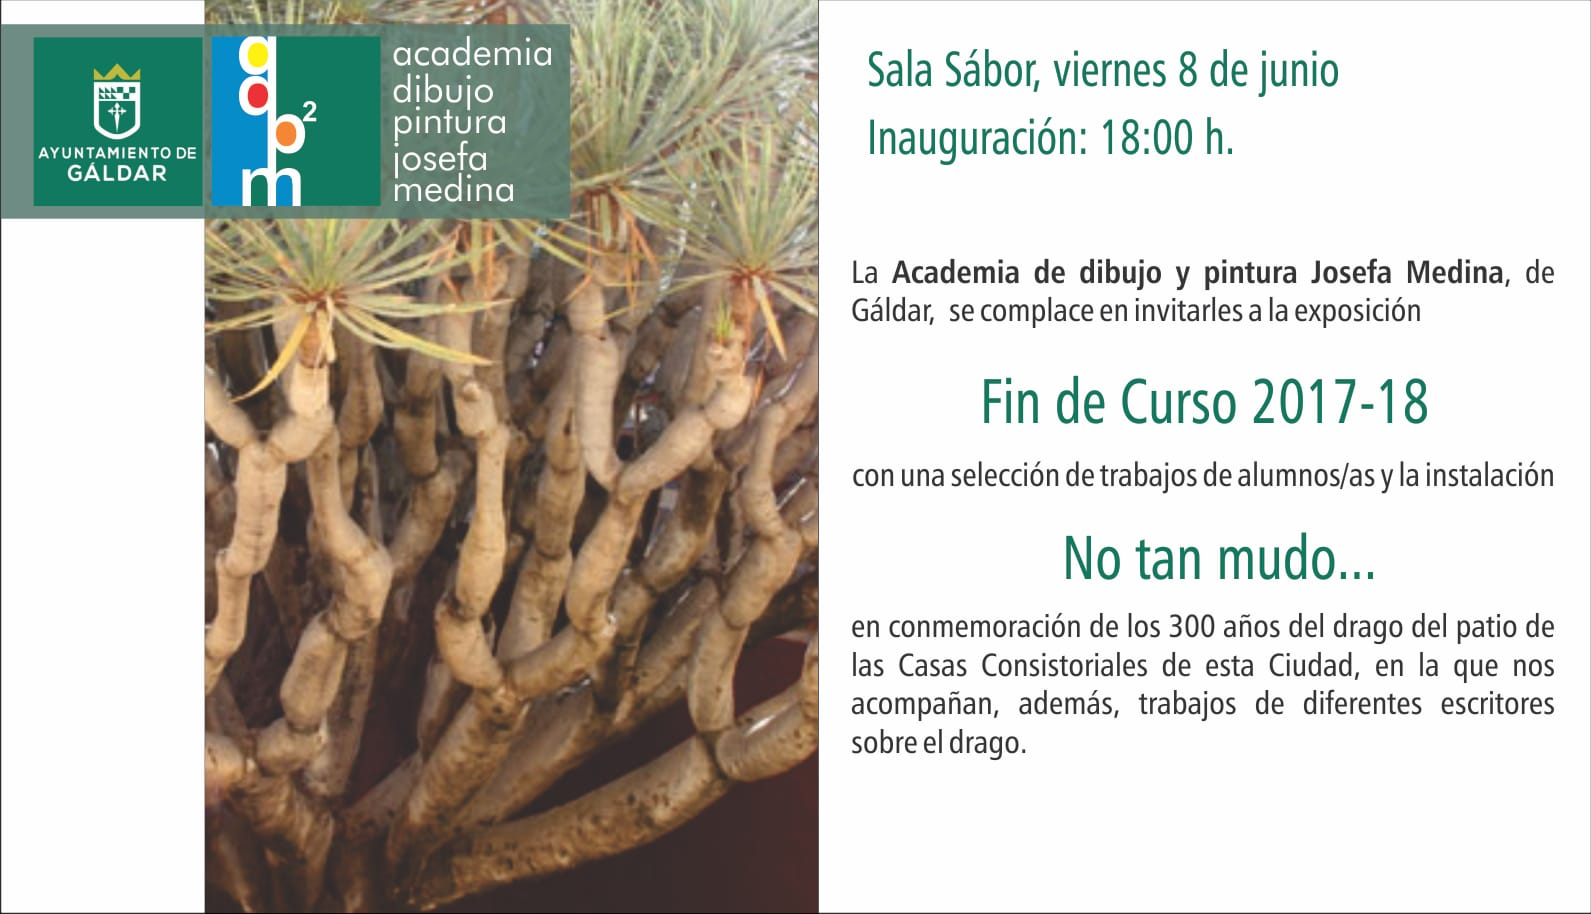 Cartel Expo Academia Pintura